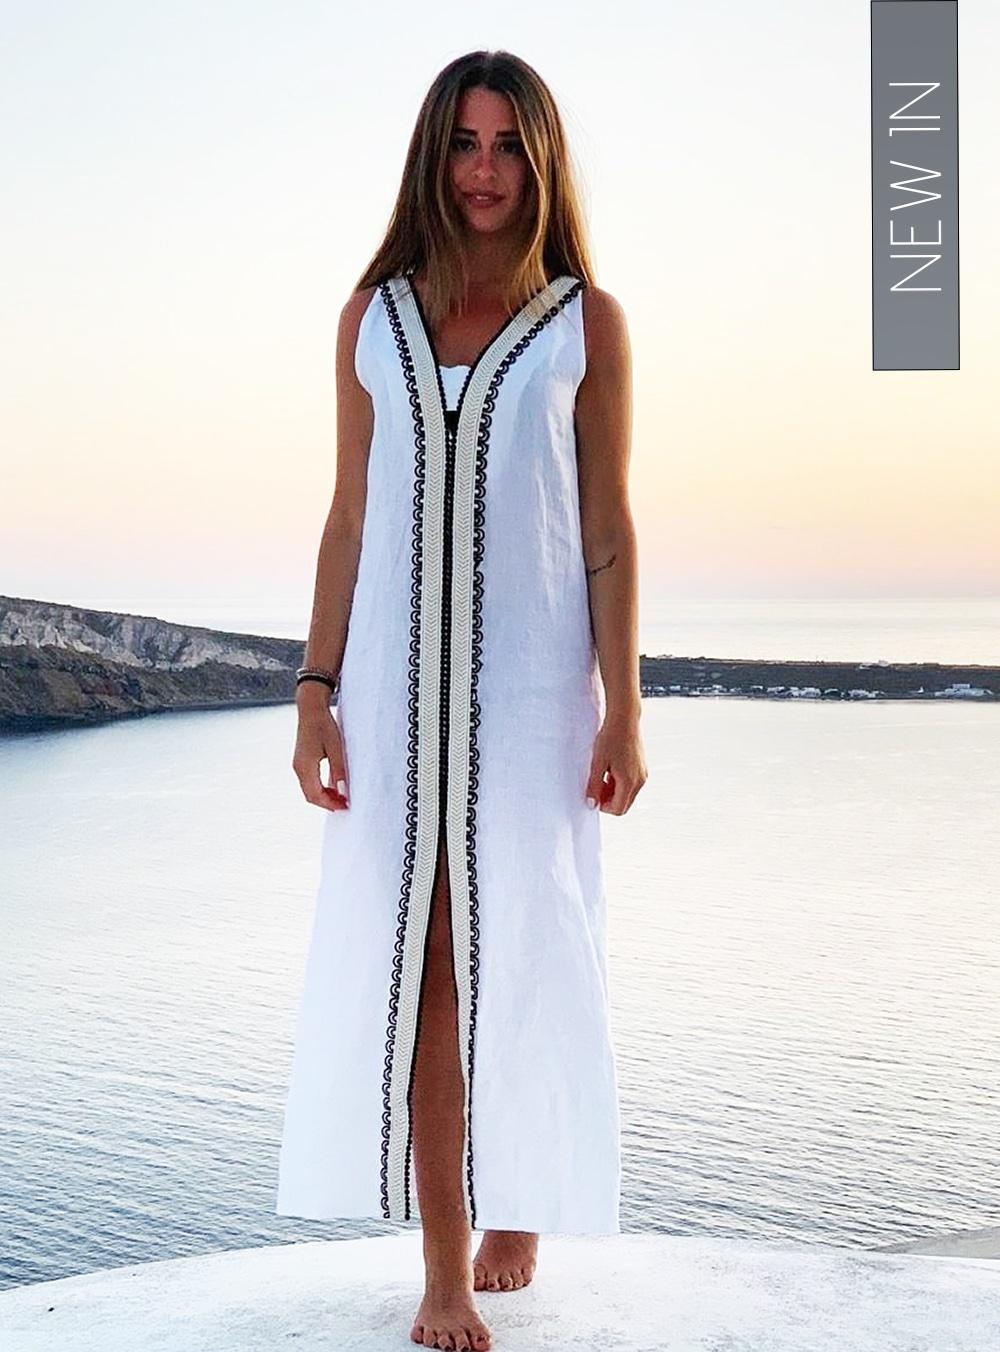 Νέες Αφίξεις σε γυναικεία φορέματα,δερμάτινα πέδιλα και σανδάλια και γυναικείες τσάντες.NEMA,Le Vertige,Fardoulis Shoes,White22,Anna Samouka e.t.c